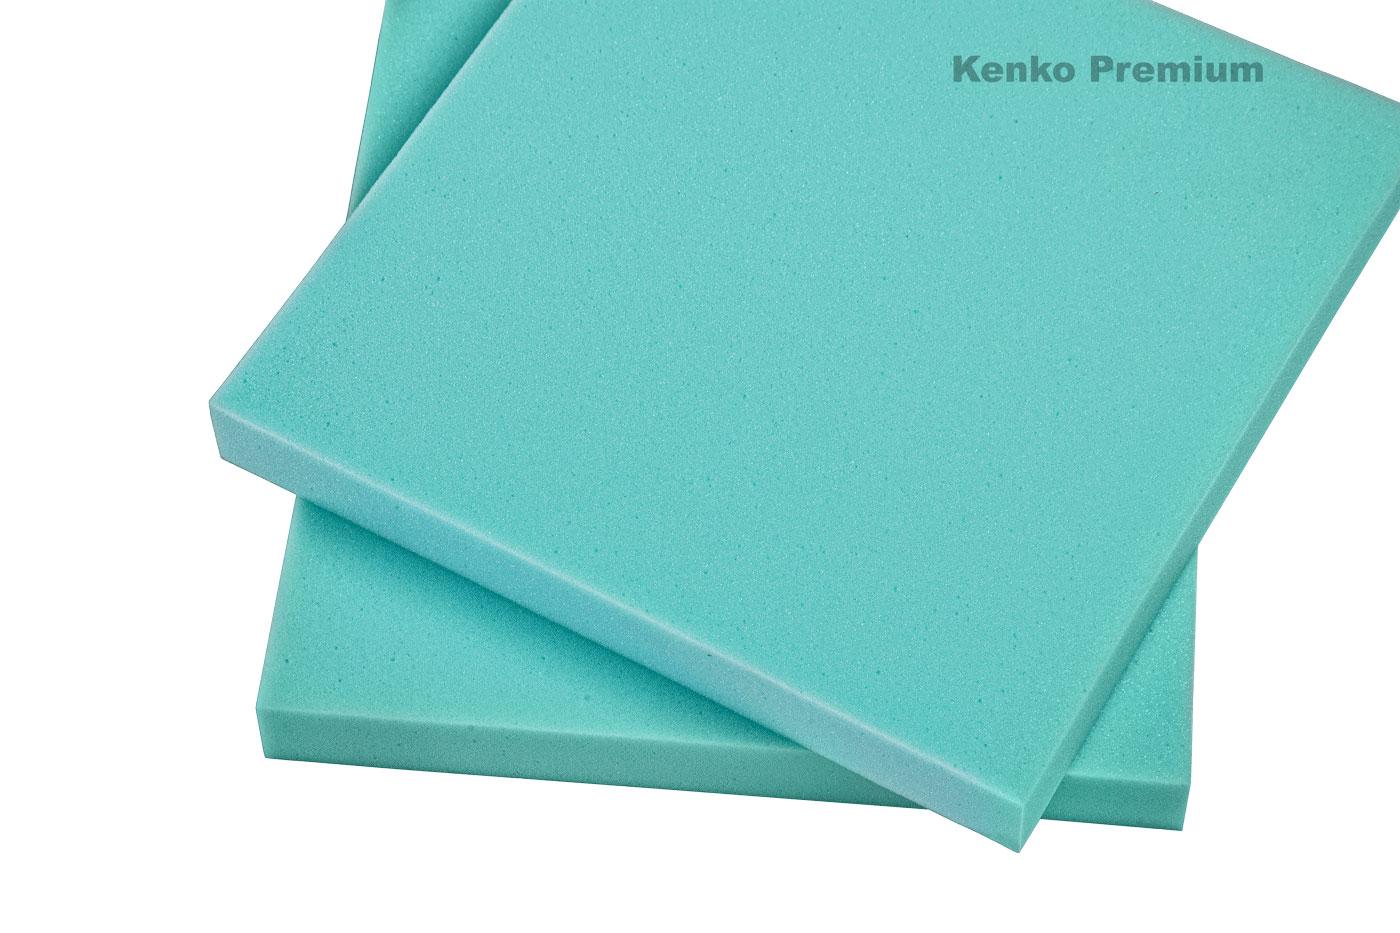 Peça de Espuma Estofado Sofá 50cm x 60cm X 5cm D28 Kenko Premium  - Kenko Premium Colchões